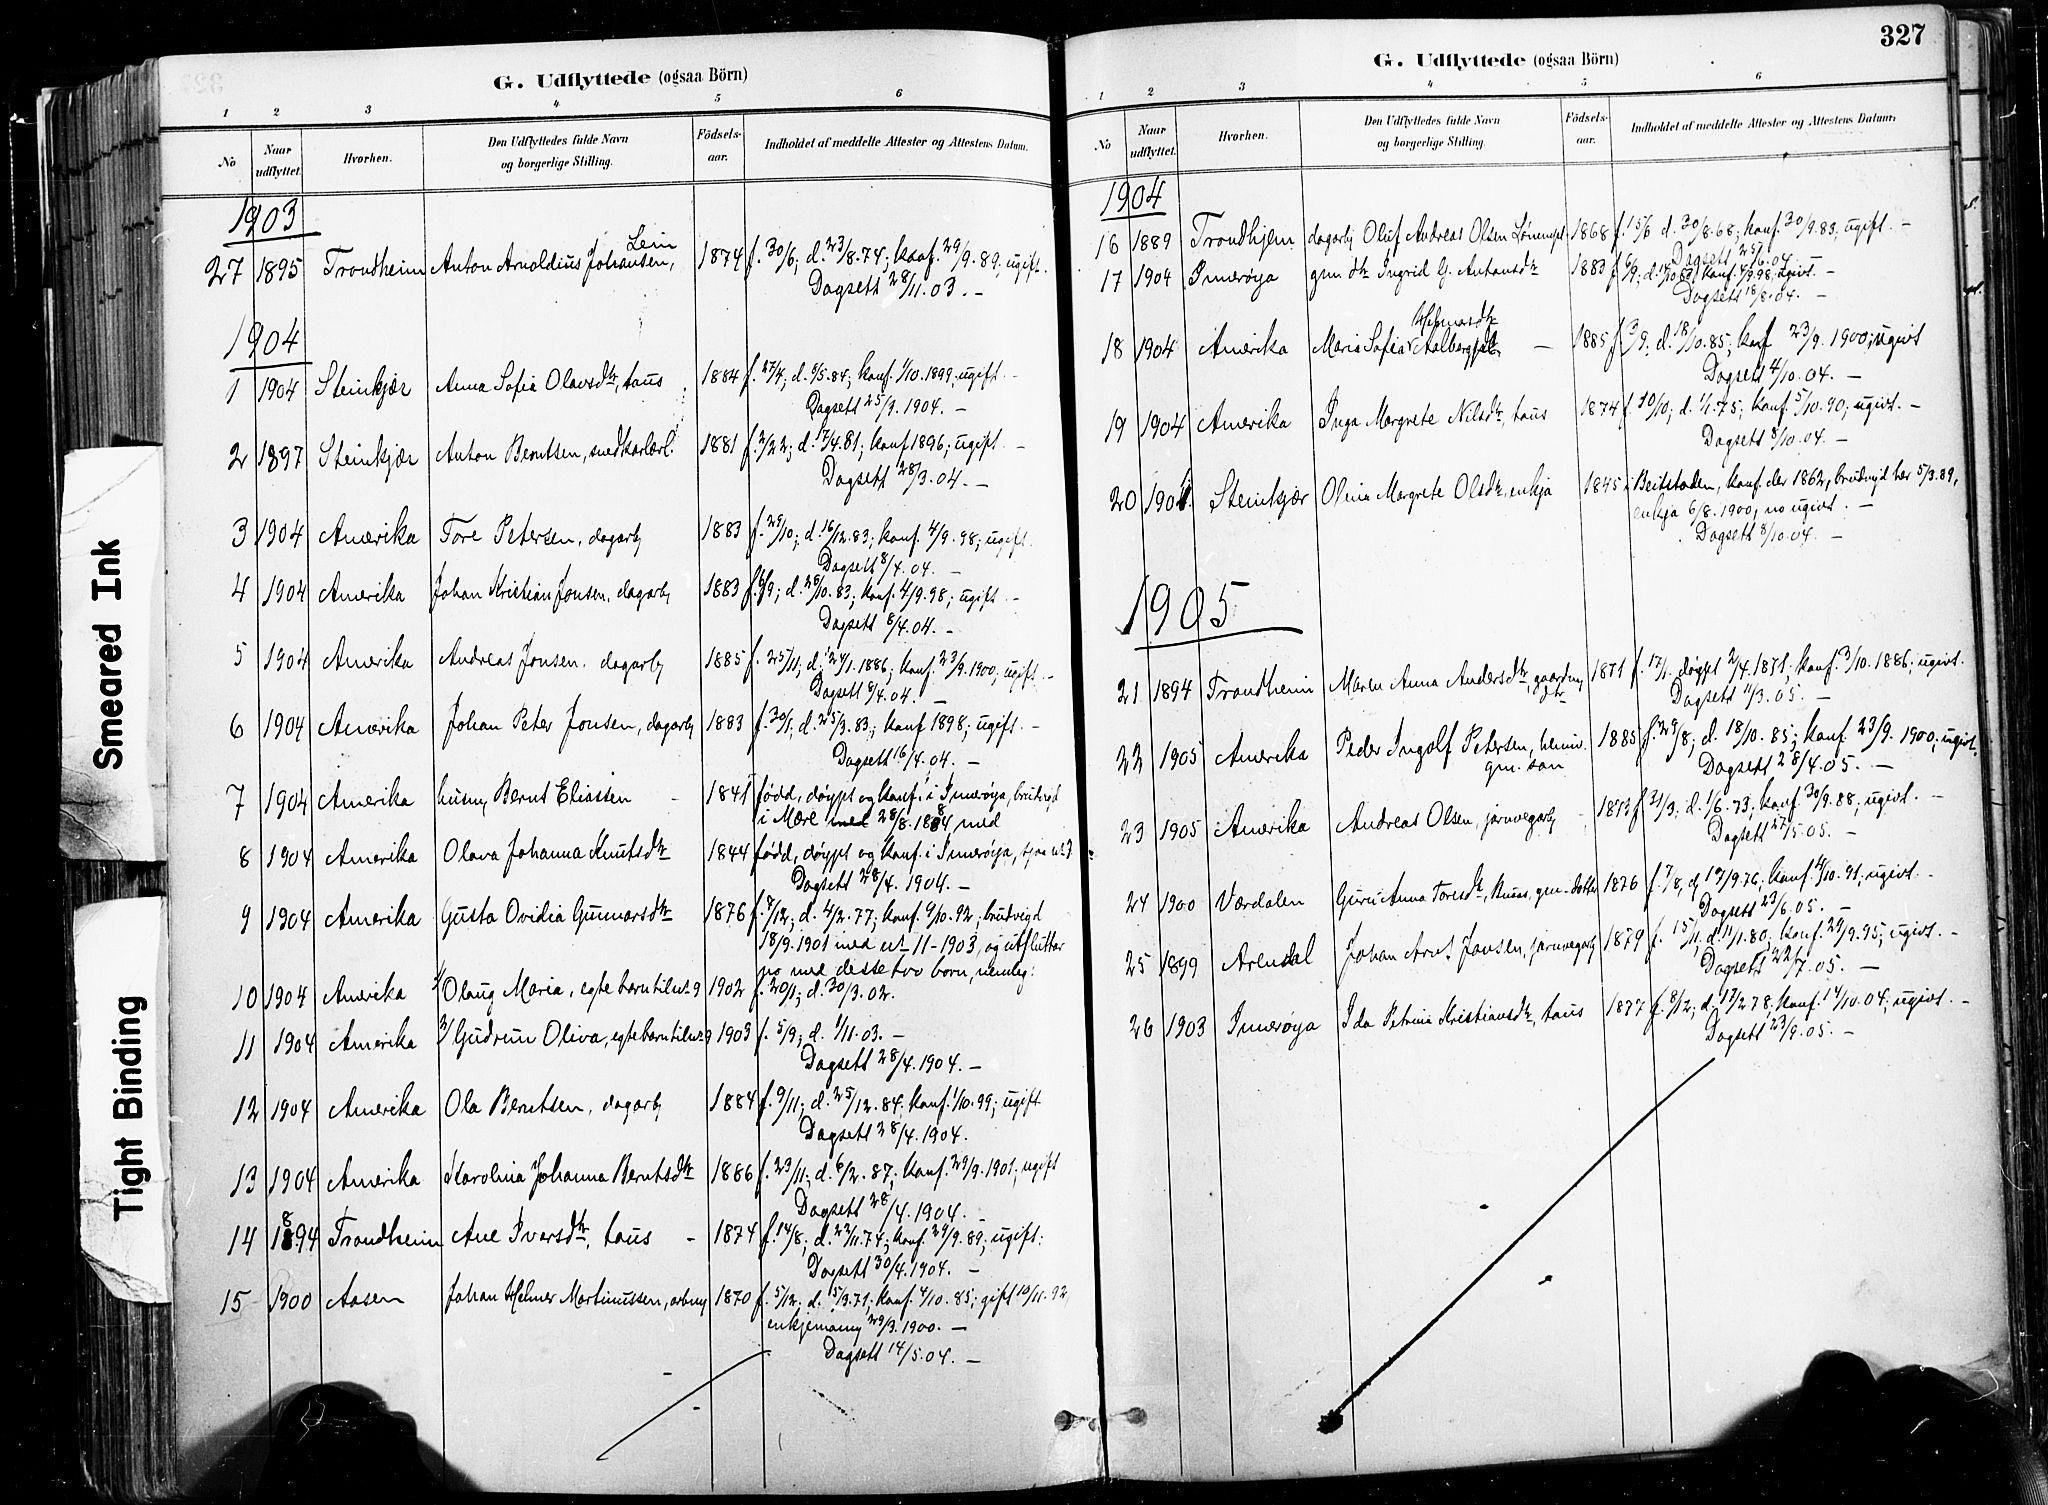 SAT, Ministerialprotokoller, klokkerbøker og fødselsregistre - Nord-Trøndelag, 735/L0351: Ministerialbok nr. 735A10, 1884-1908, s. 327